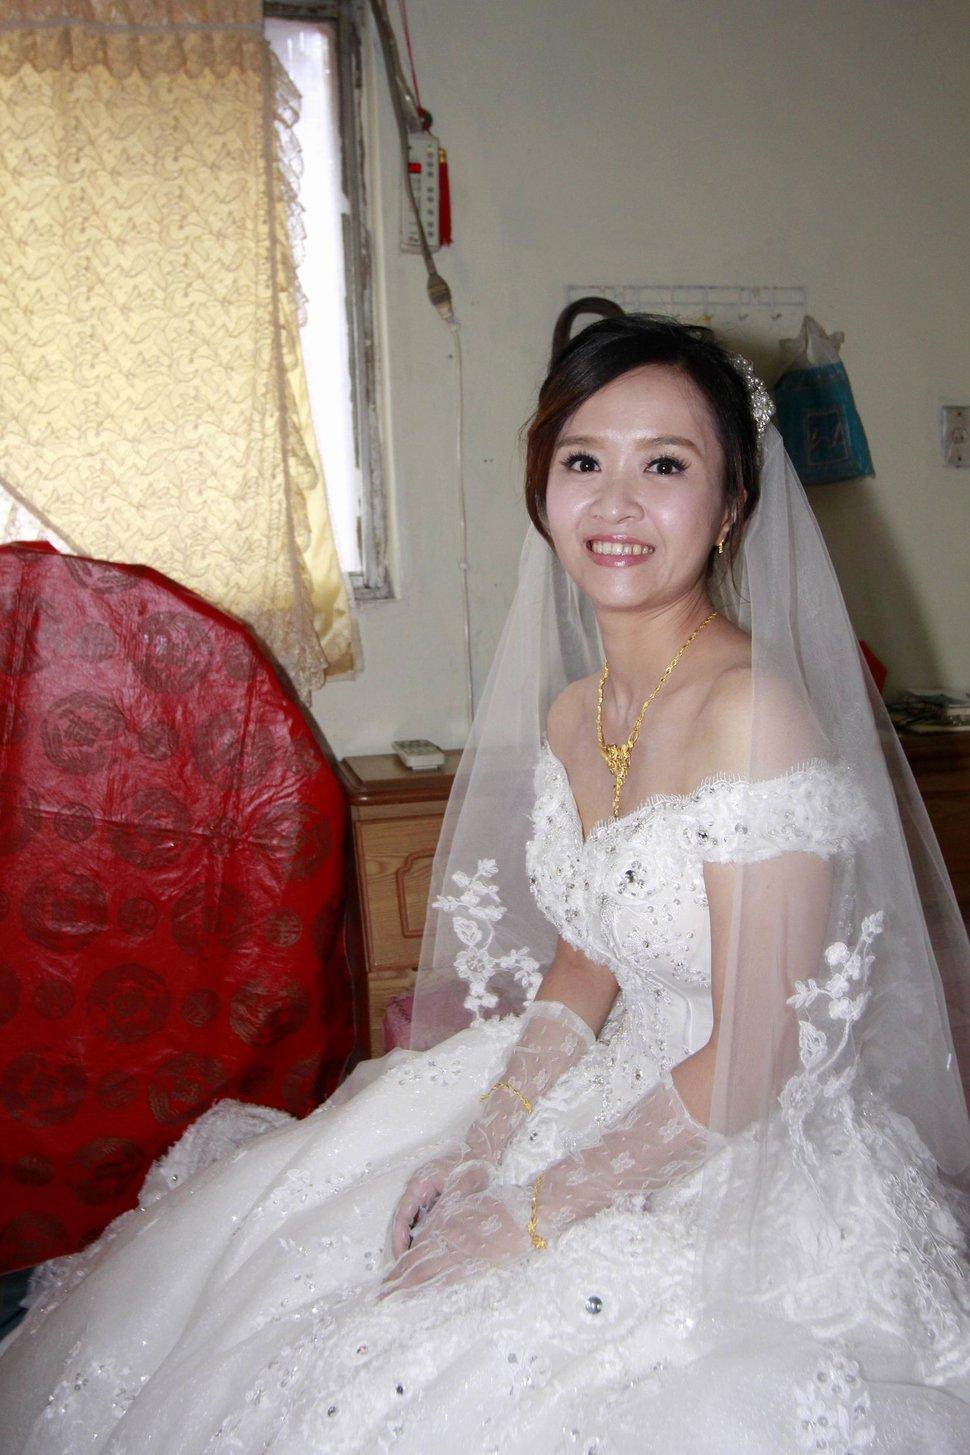 永和易牙居婚宴廣場宴會廳婚婚禮記錄結婚迎娶婚禮記錄動態微電影錄影專業錄影平面攝影婚攝婚禮(編號:212994) - 蜜月拍照10800錄影12800攝影團隊 - 結婚吧